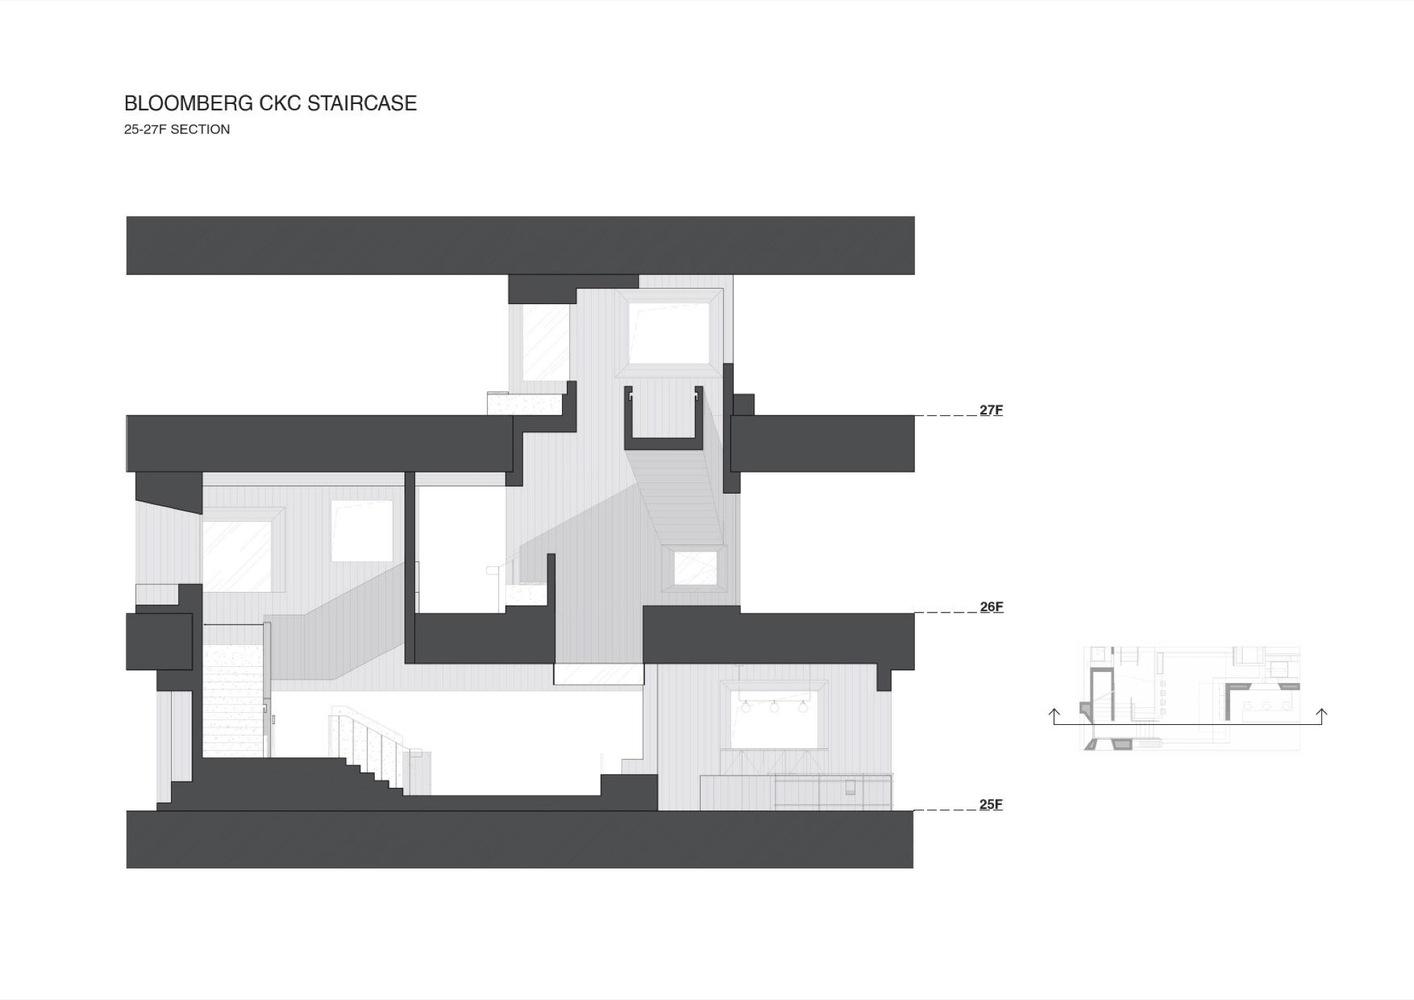 Curio_Stair_of_Encounters_-Bloomberg_HK_Office_drawings_000004